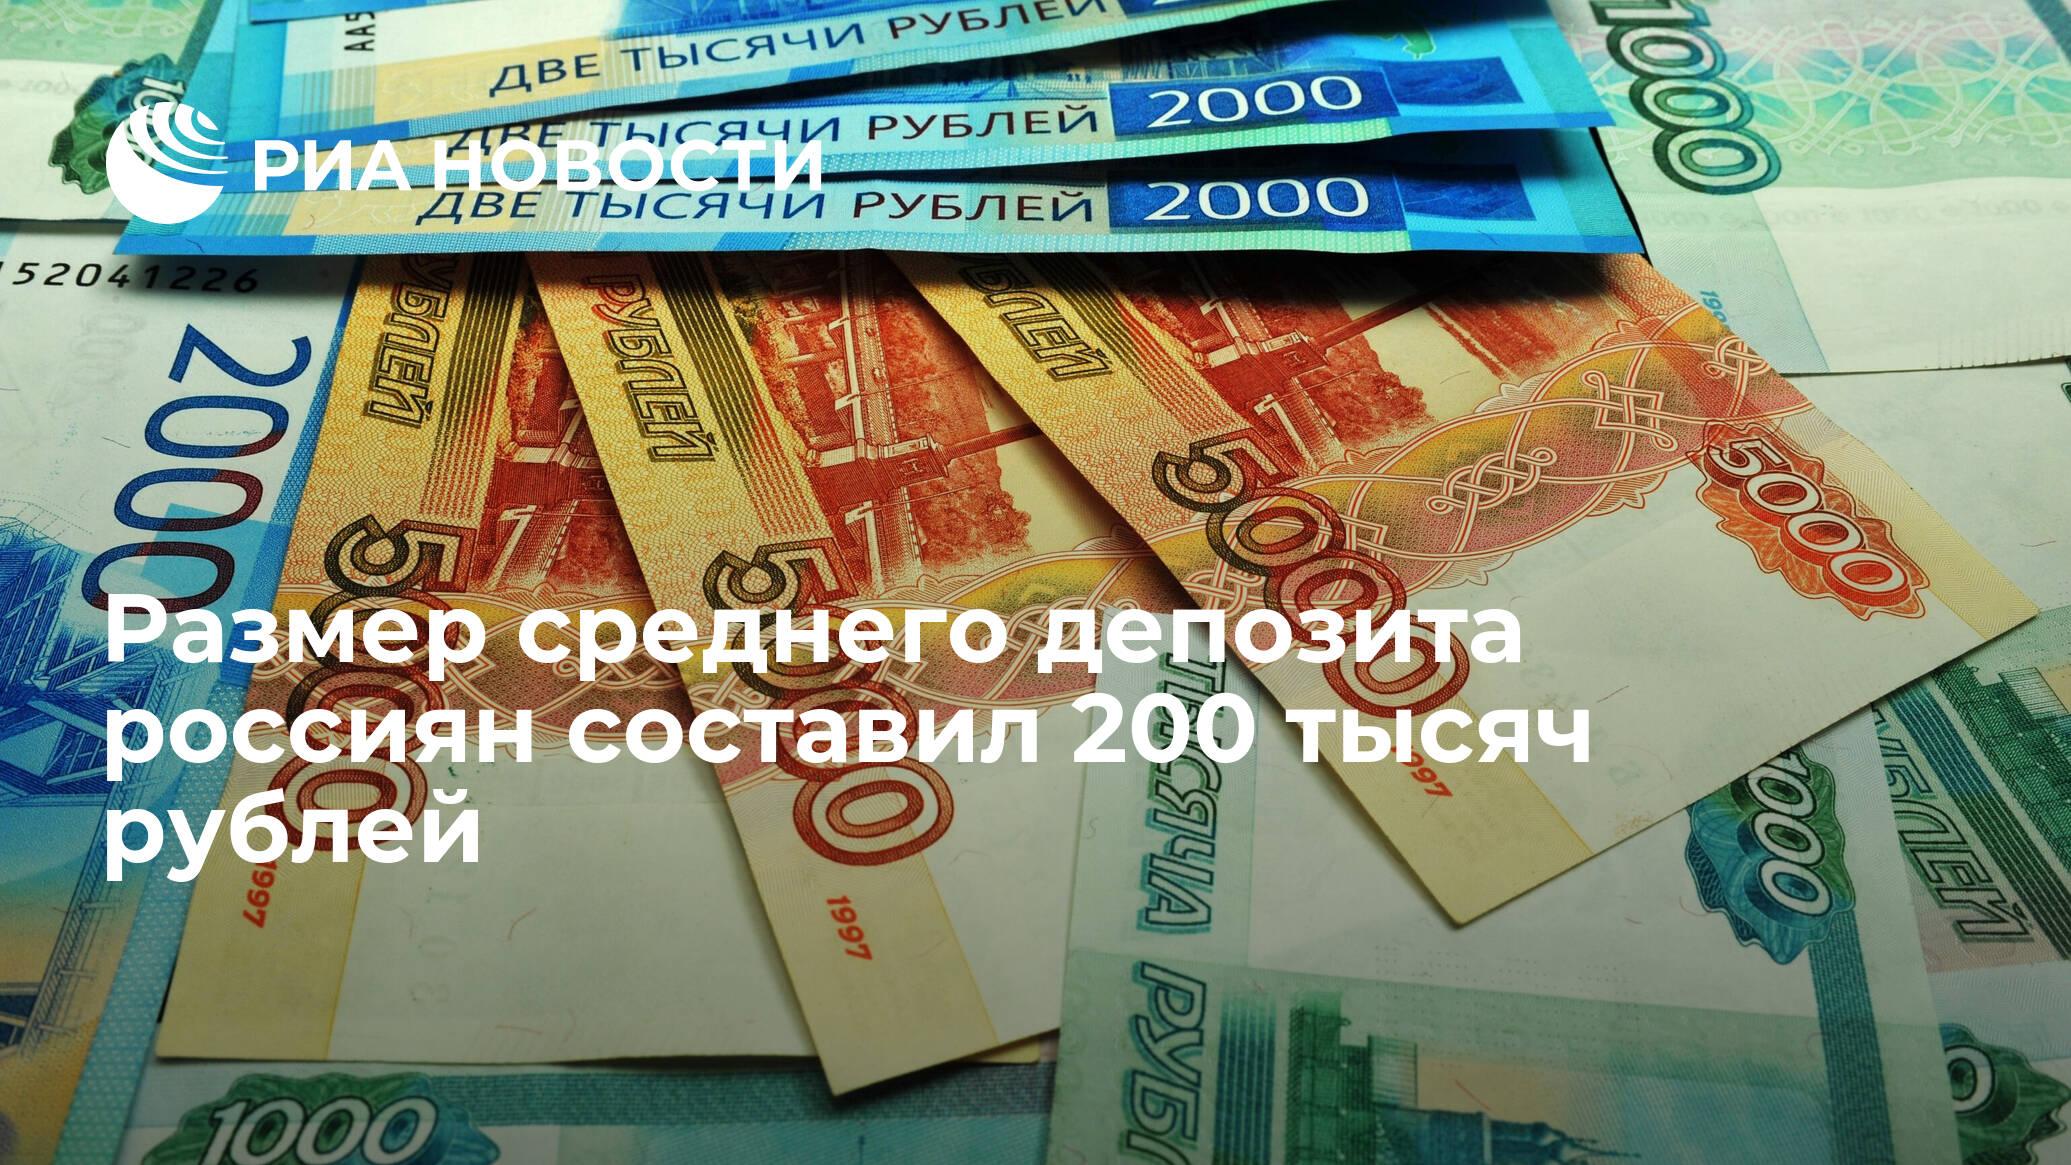 Кредит москва недвижимость